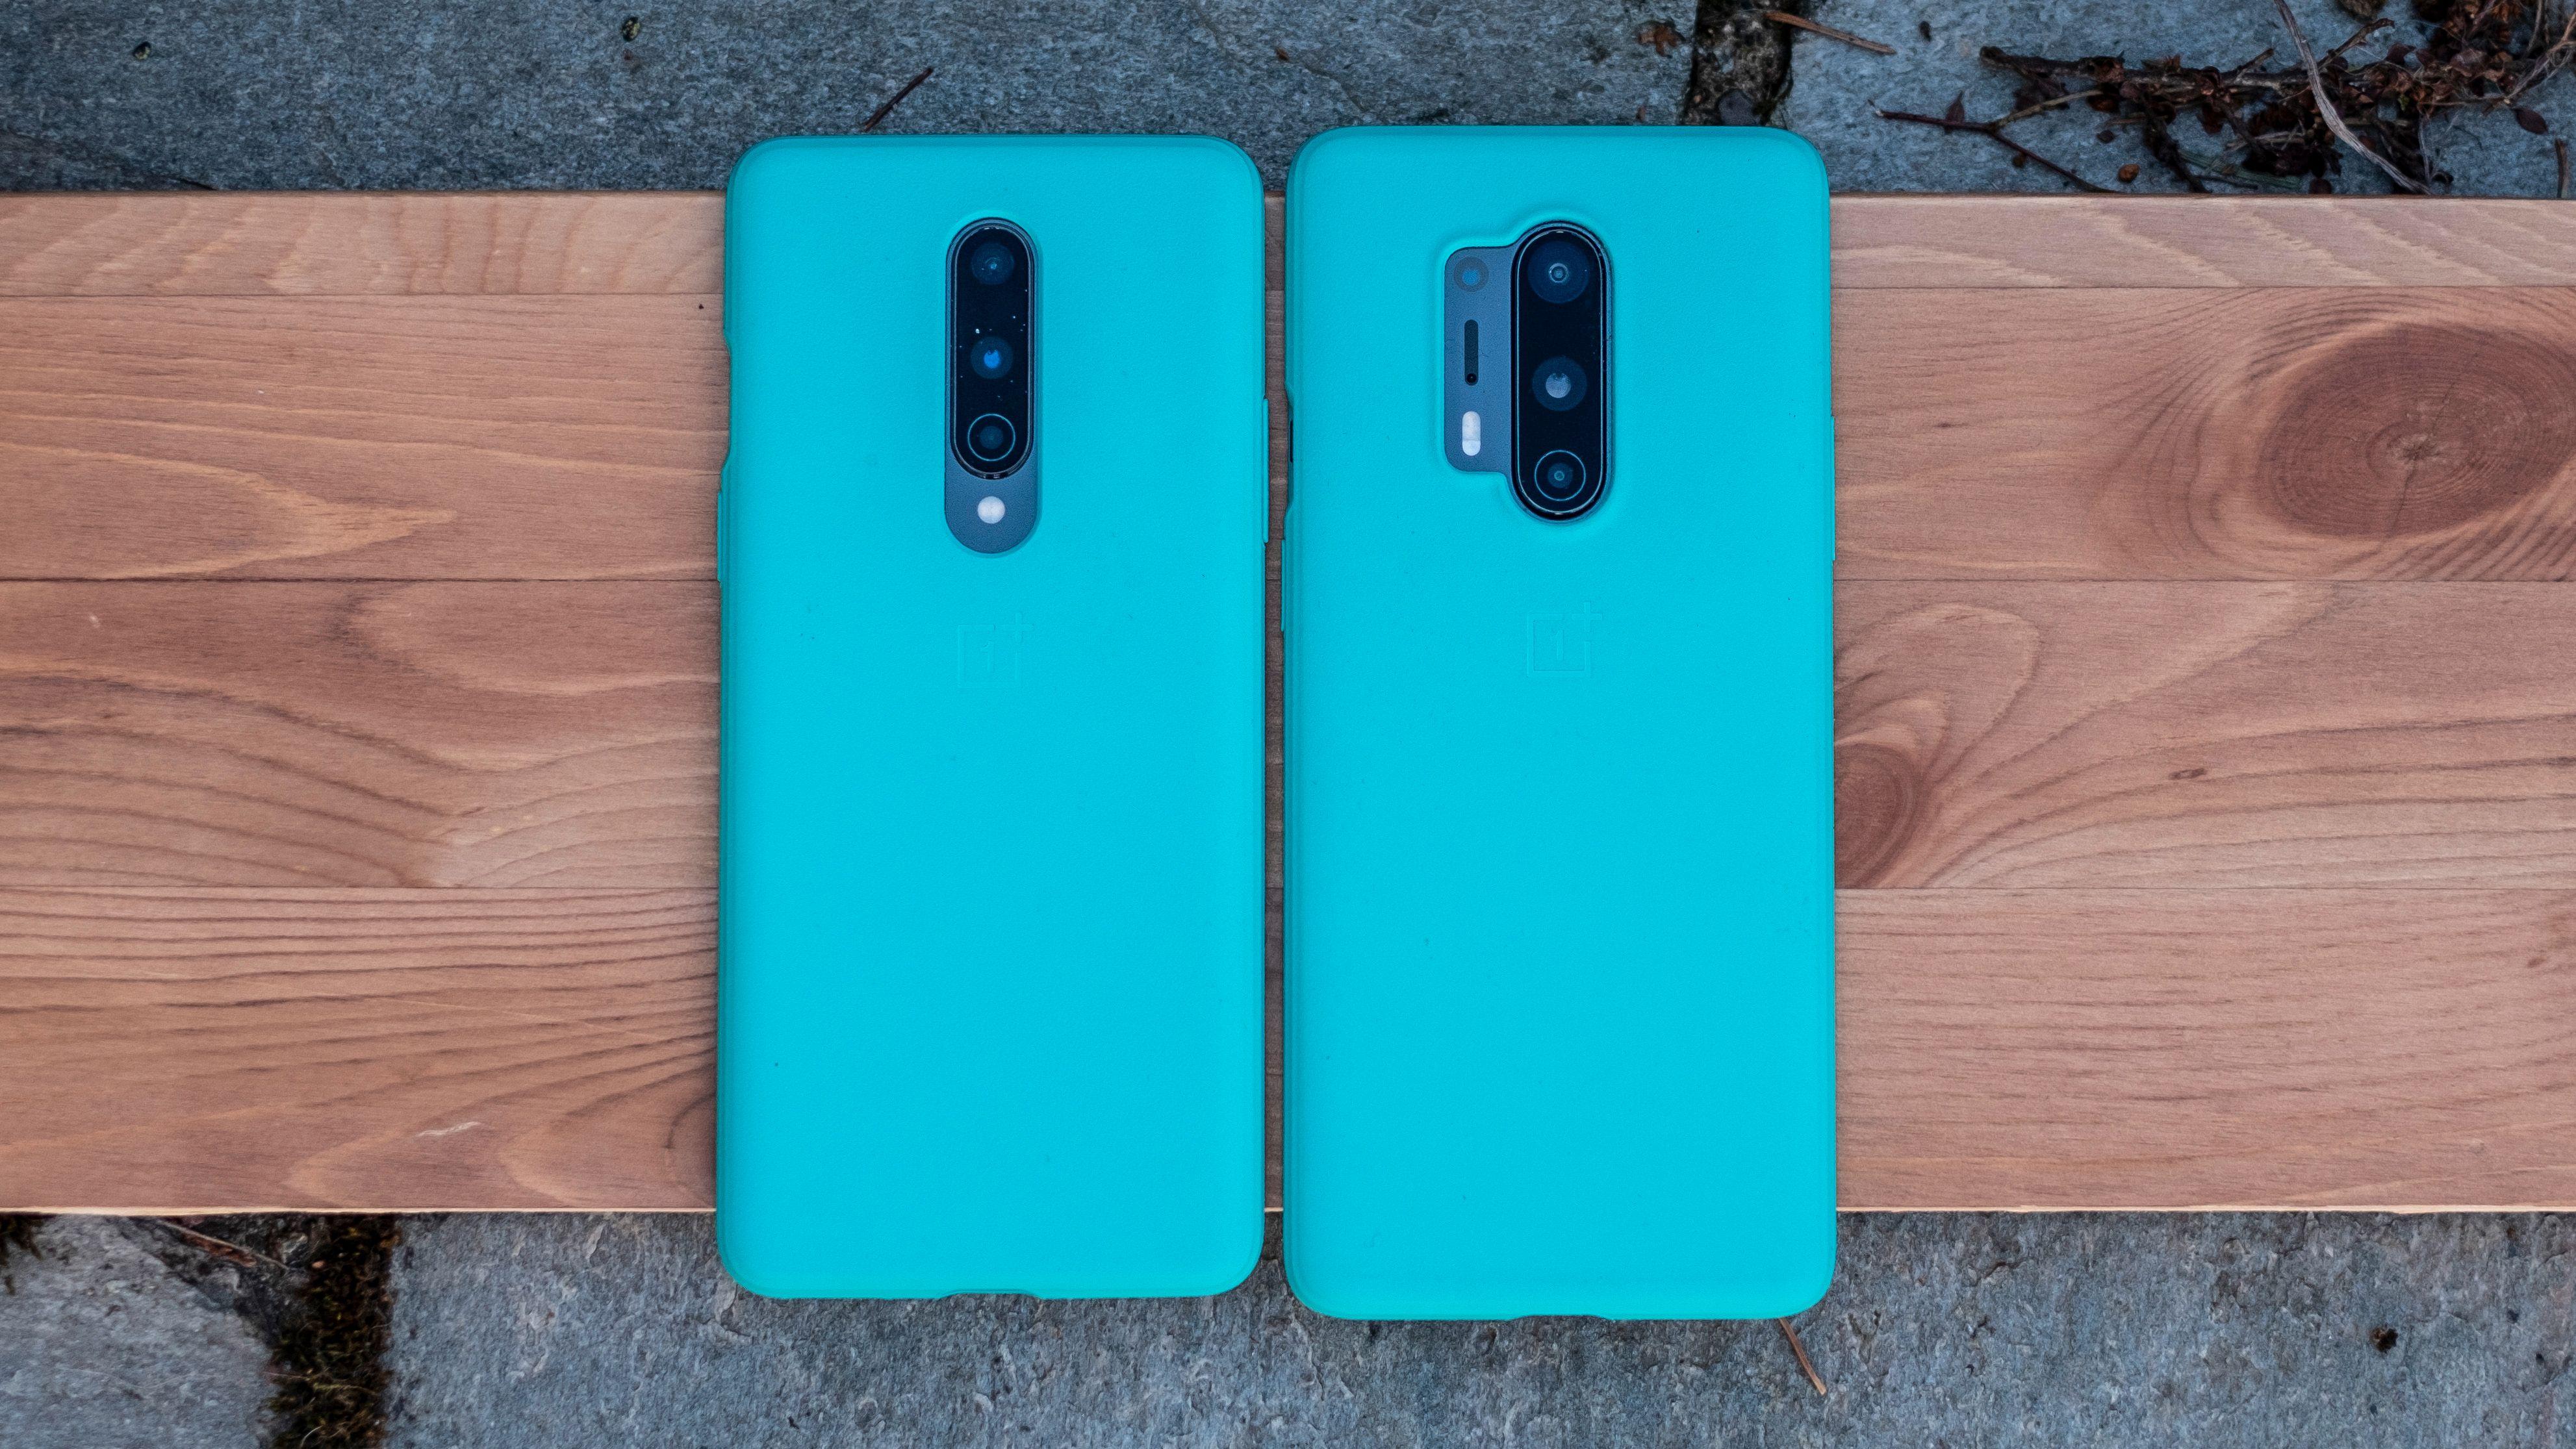 OnePlus 8 til venstre og OnePlus 8 Pro til høyre. Begge med deksler på. Det er ikke stor synlig forskjell på telefonene.